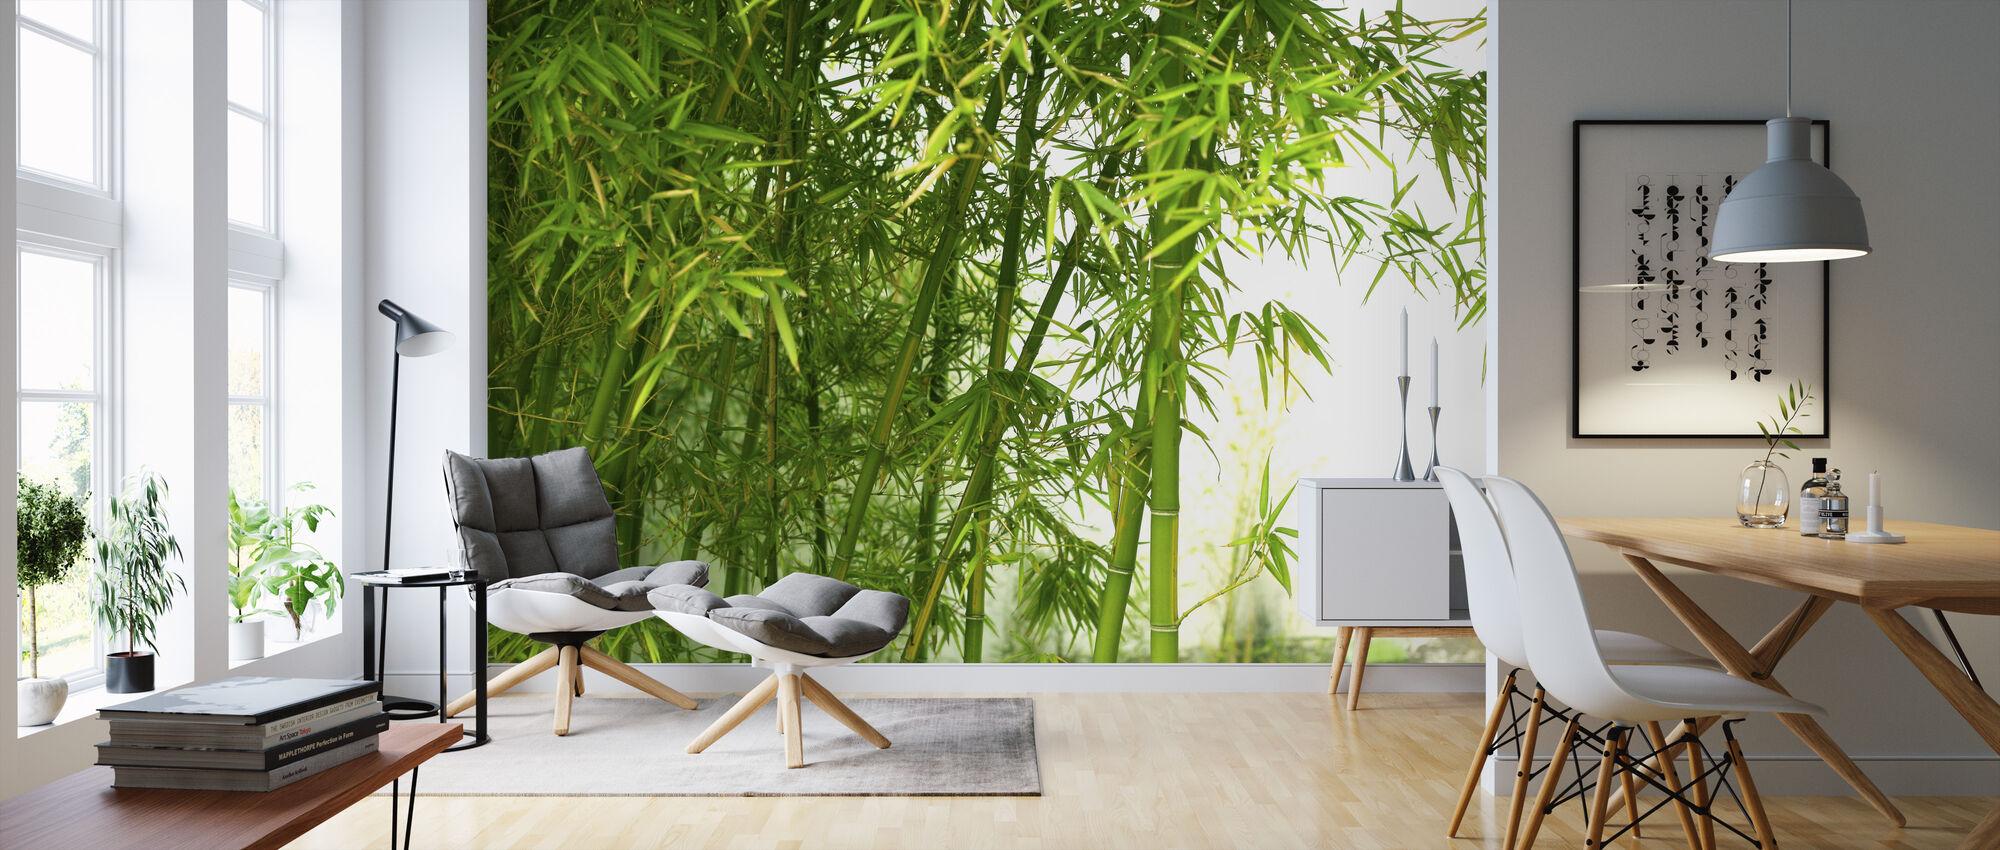 Hermoso bambú. - Papel pintado - Salón